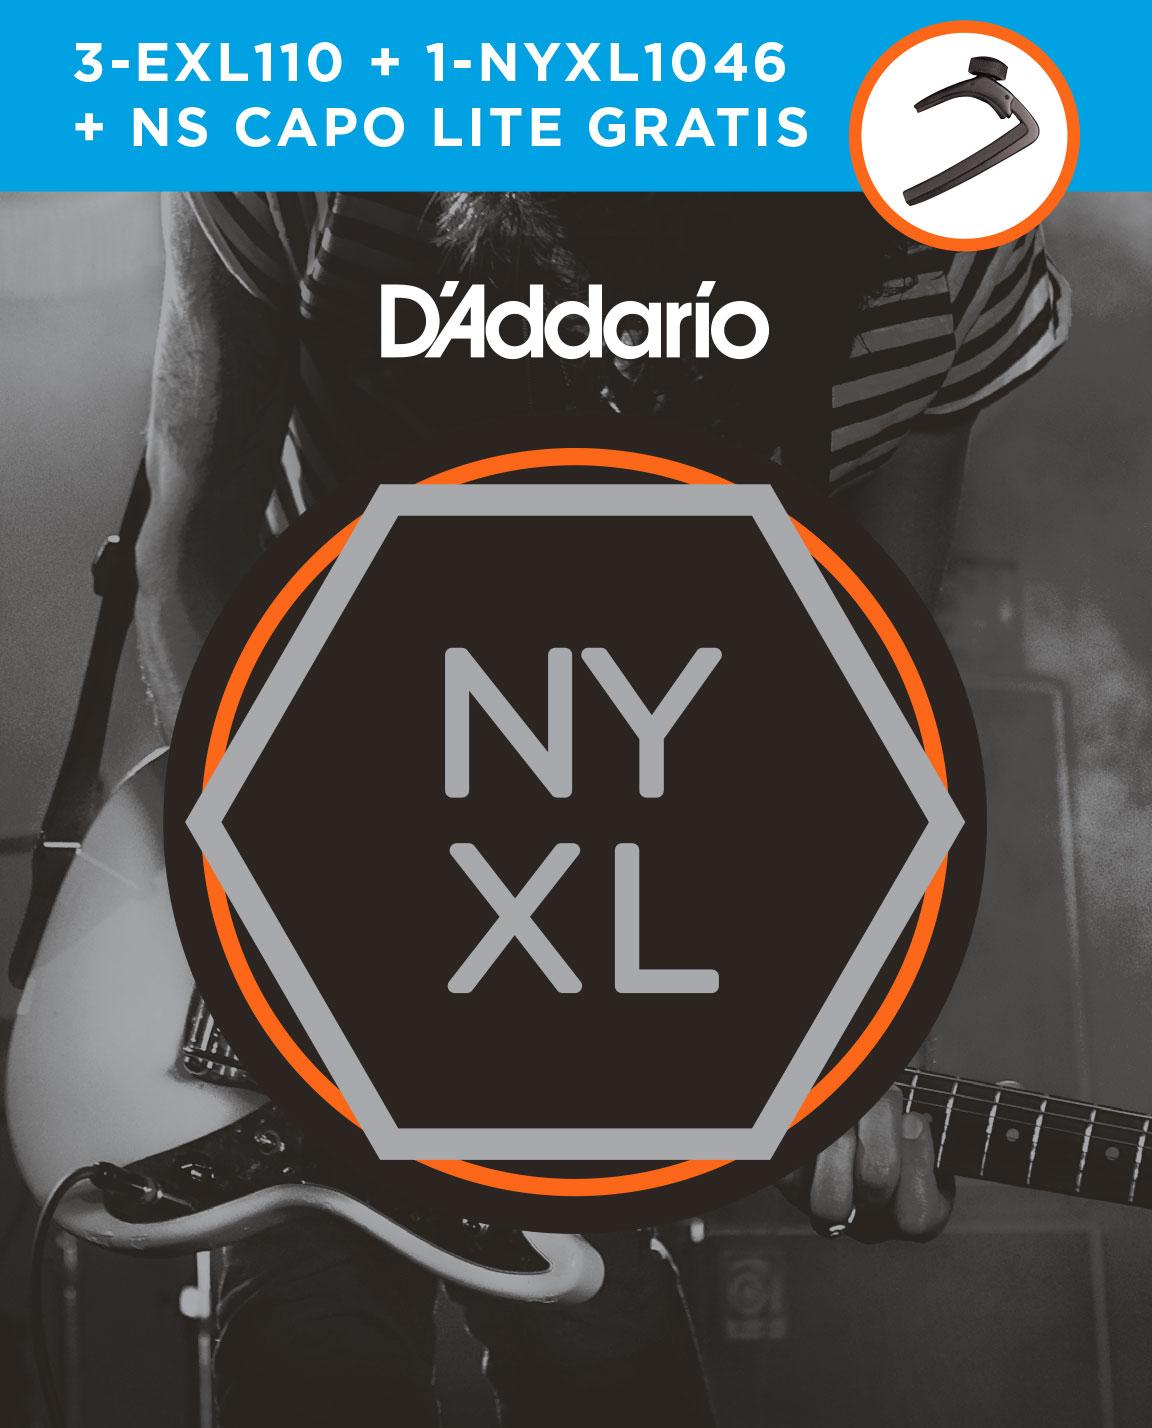 **D'ADDARIO 3 juegos EXL110 + 1 juego NY1046 + Cejilla NS Capo Lite